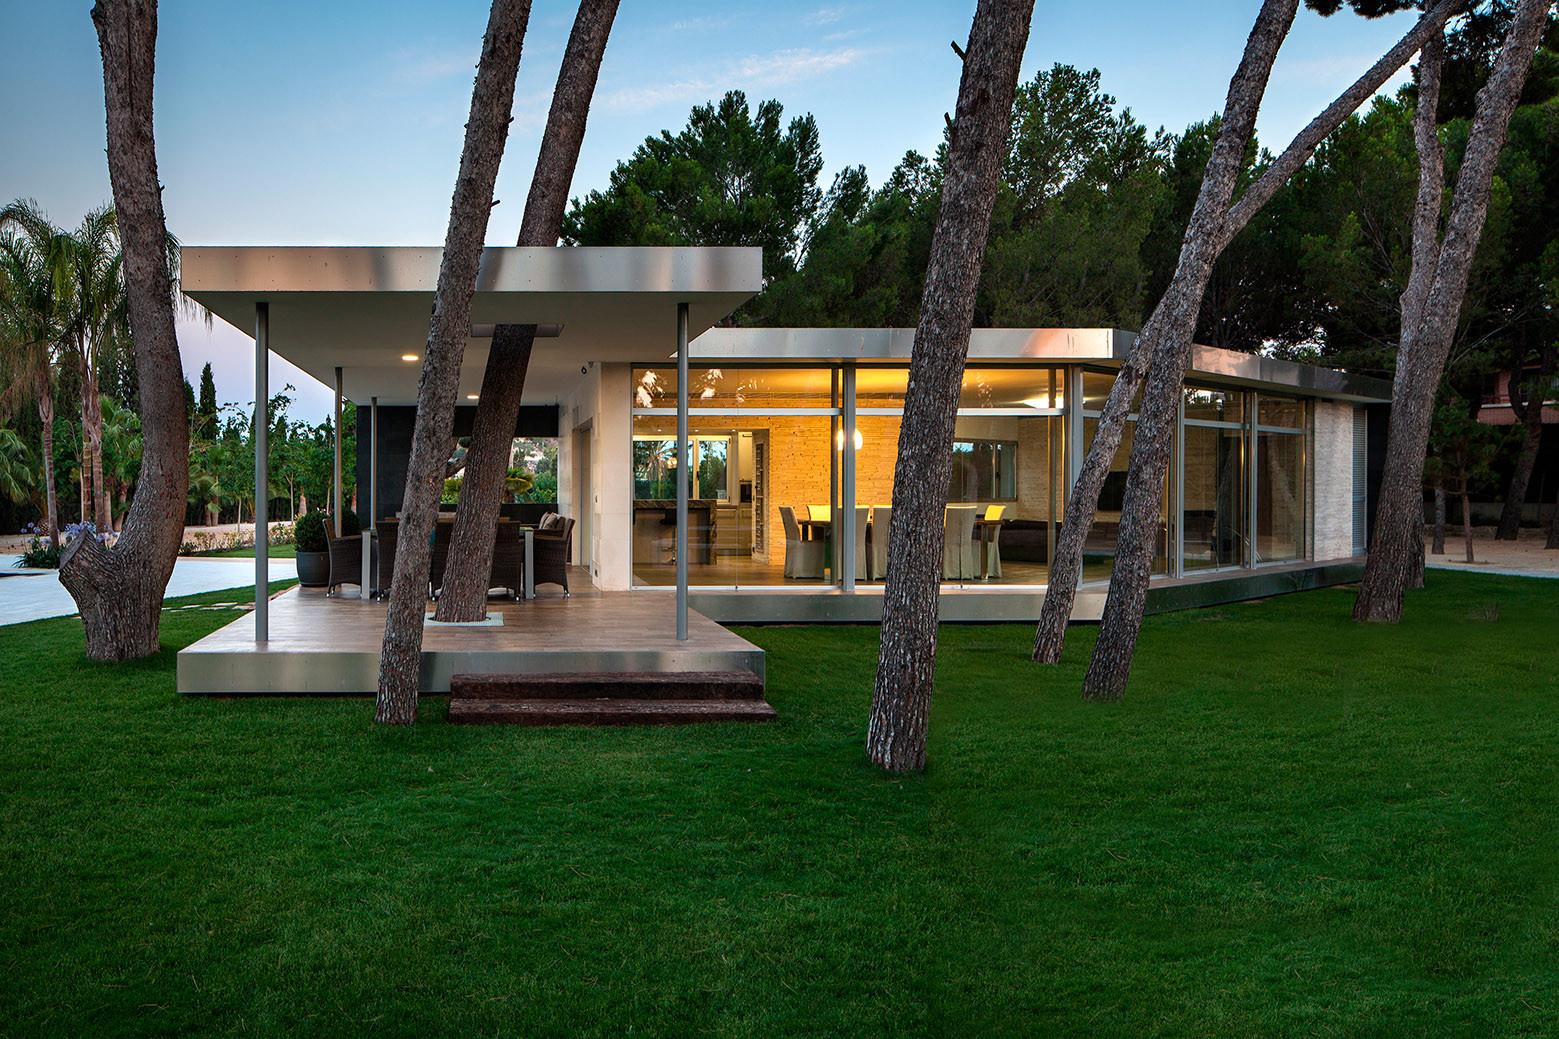 Pine Forest Pavilion / e2b arquitectos, © Enrique Agües